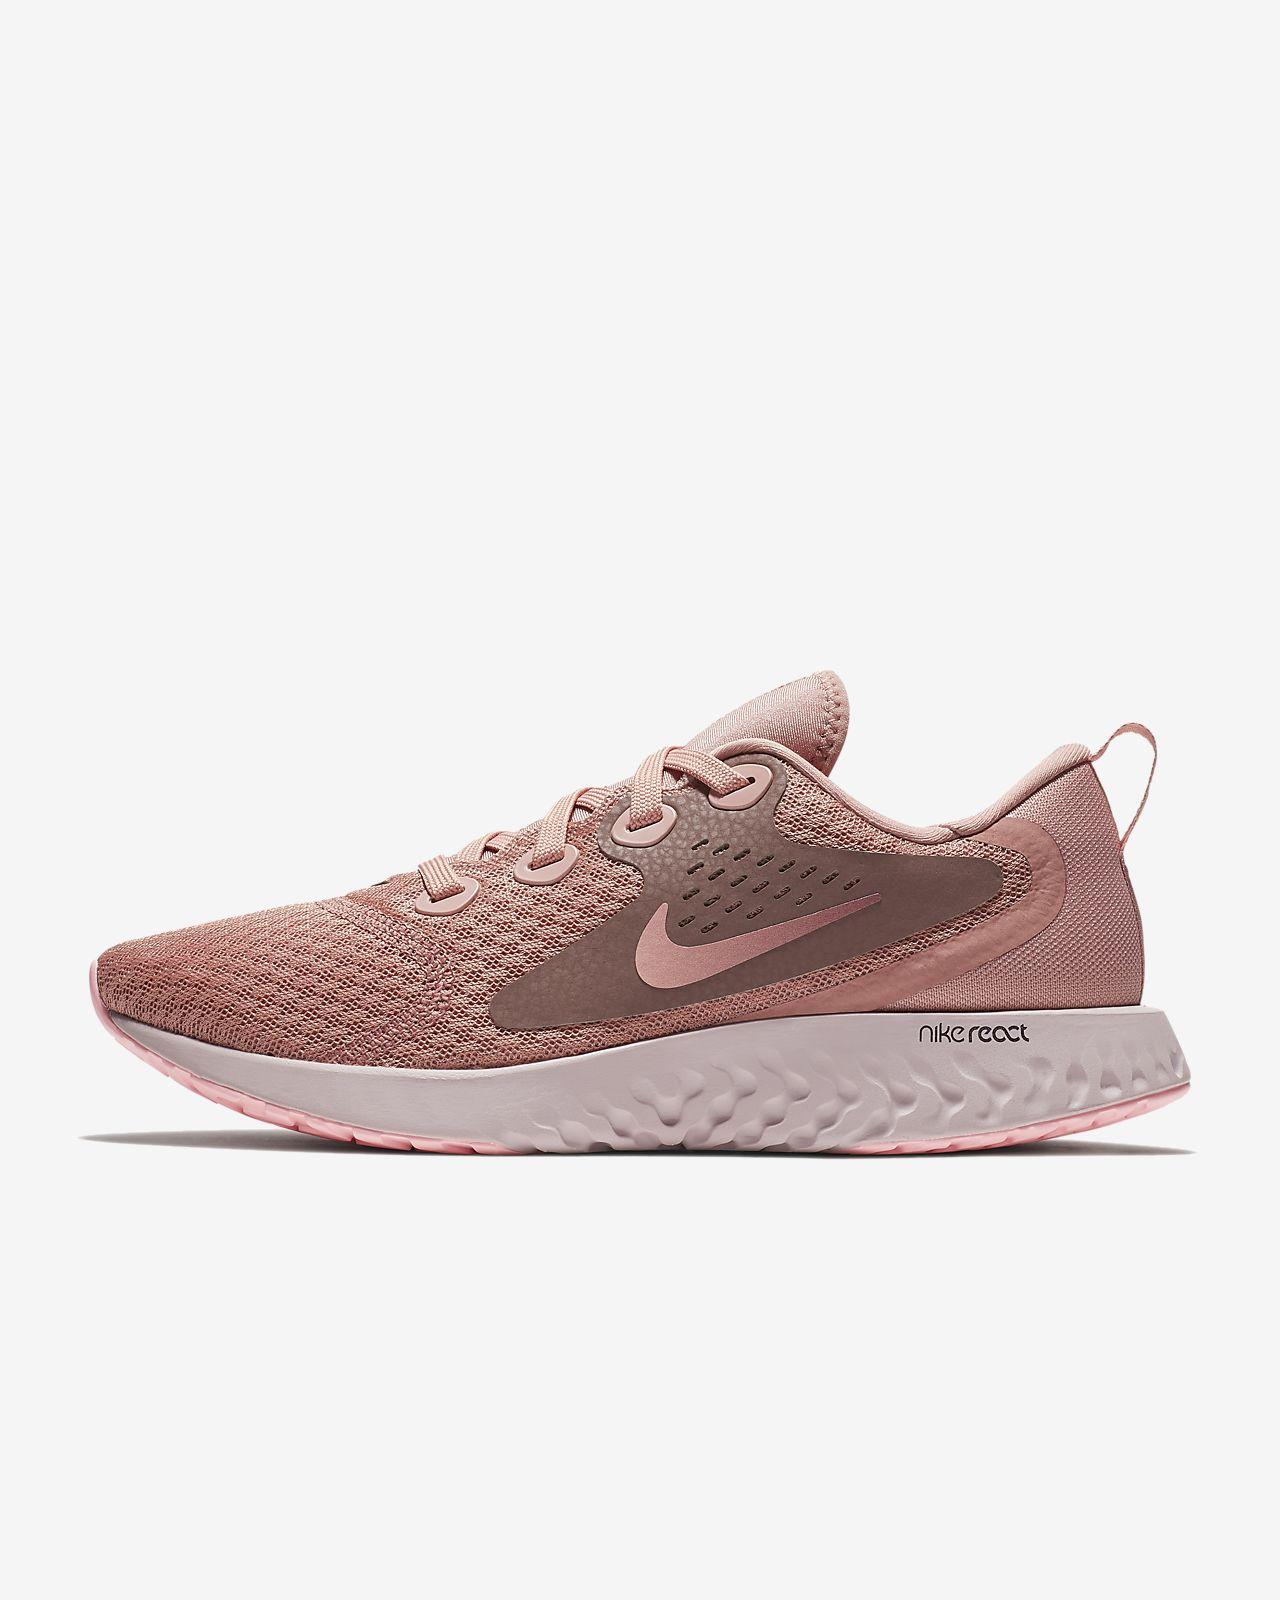 892f028daec8 Nike Legend React Women s Running Shoe. Nike.com MA